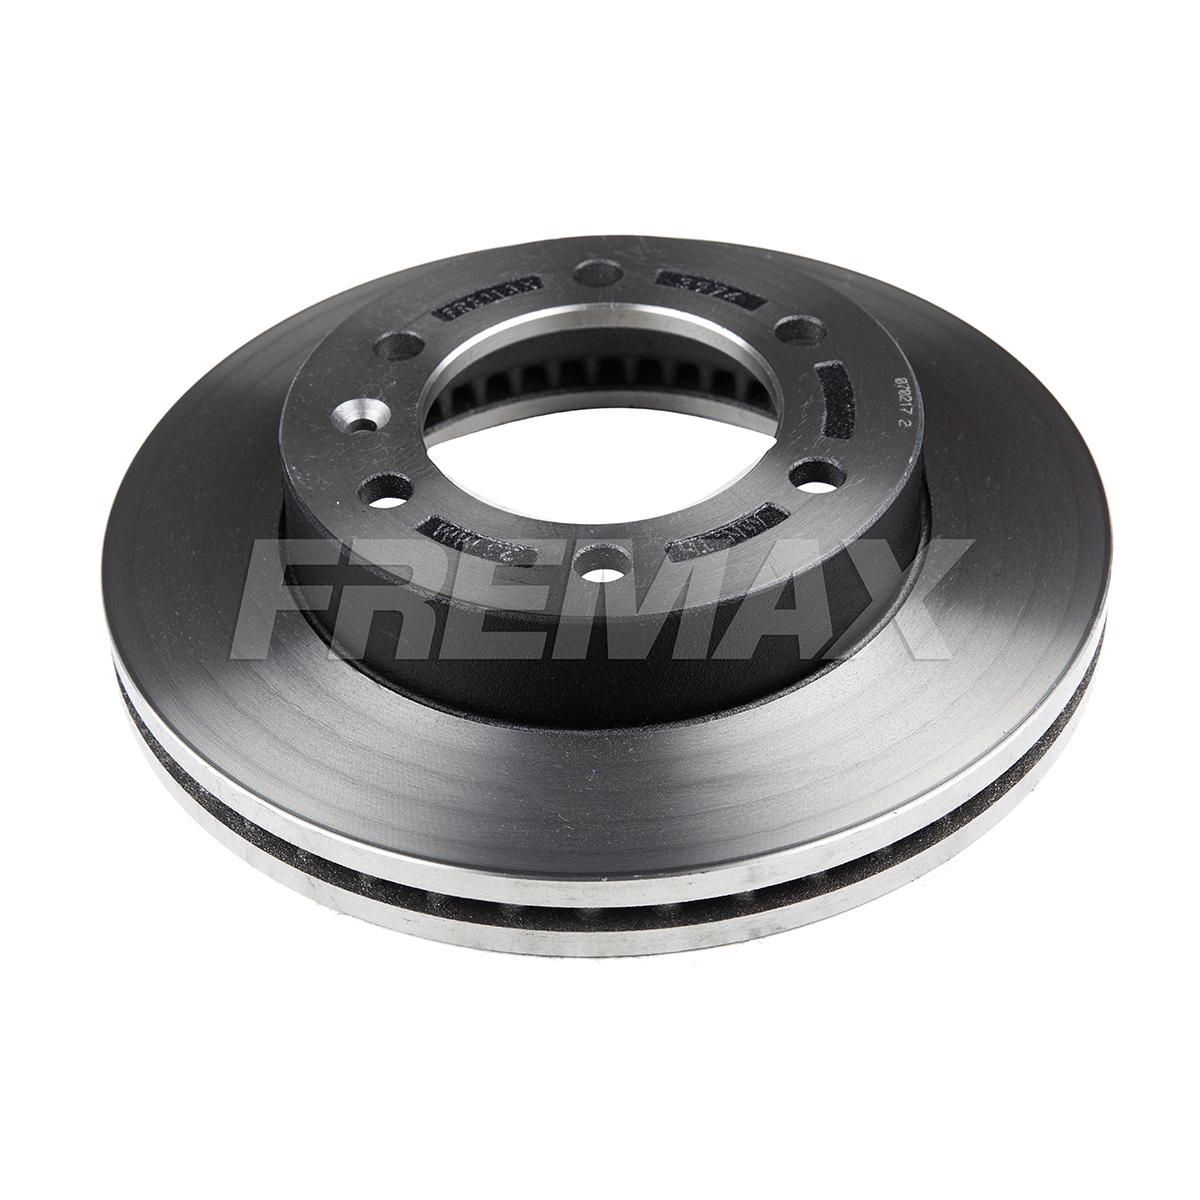 Par de Discos de Freio FREMAX - Eixo Dianteiro - GM S10 / Trailblazer - BD3974 (Ventilado e Sem Cubo)